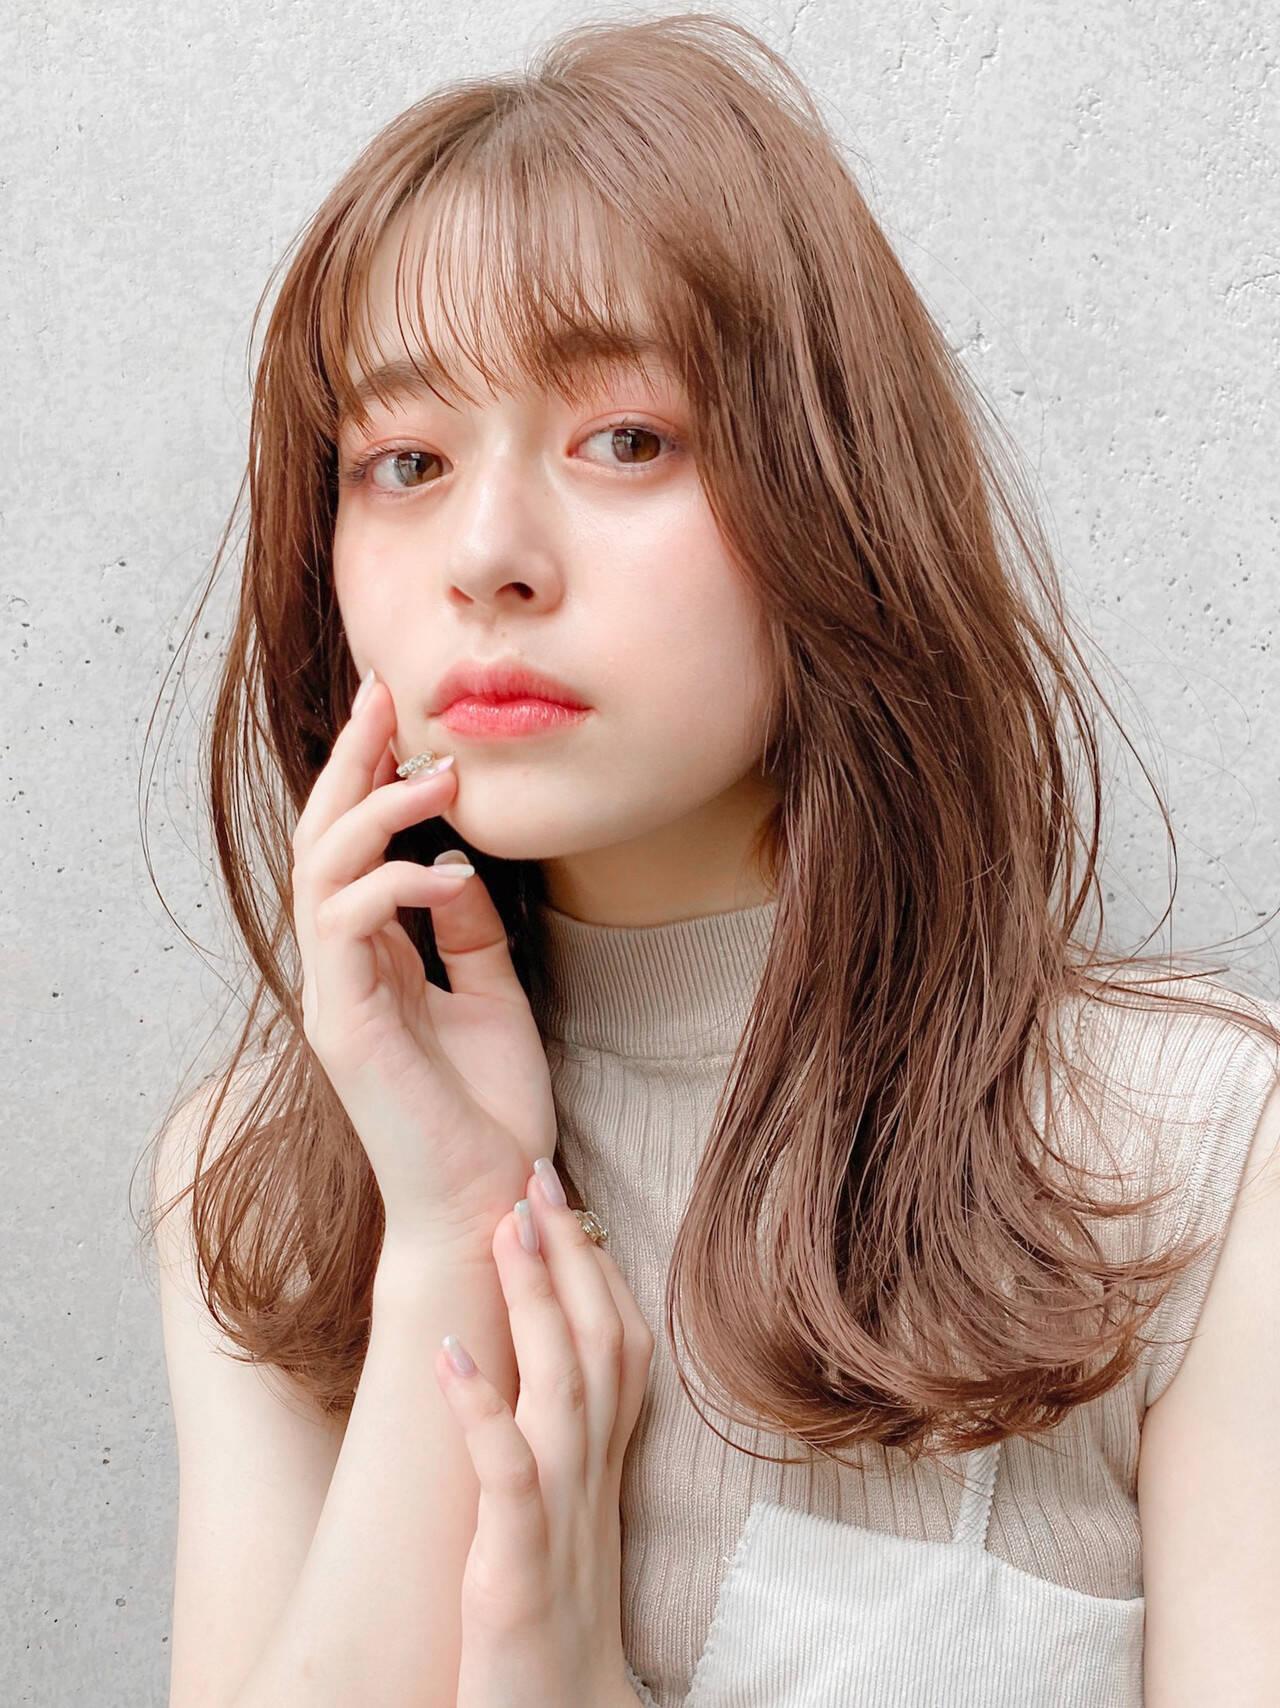 アンニュイほつれヘア ミディアム くびれボブ ミディアムレイヤーヘアスタイルや髪型の写真・画像